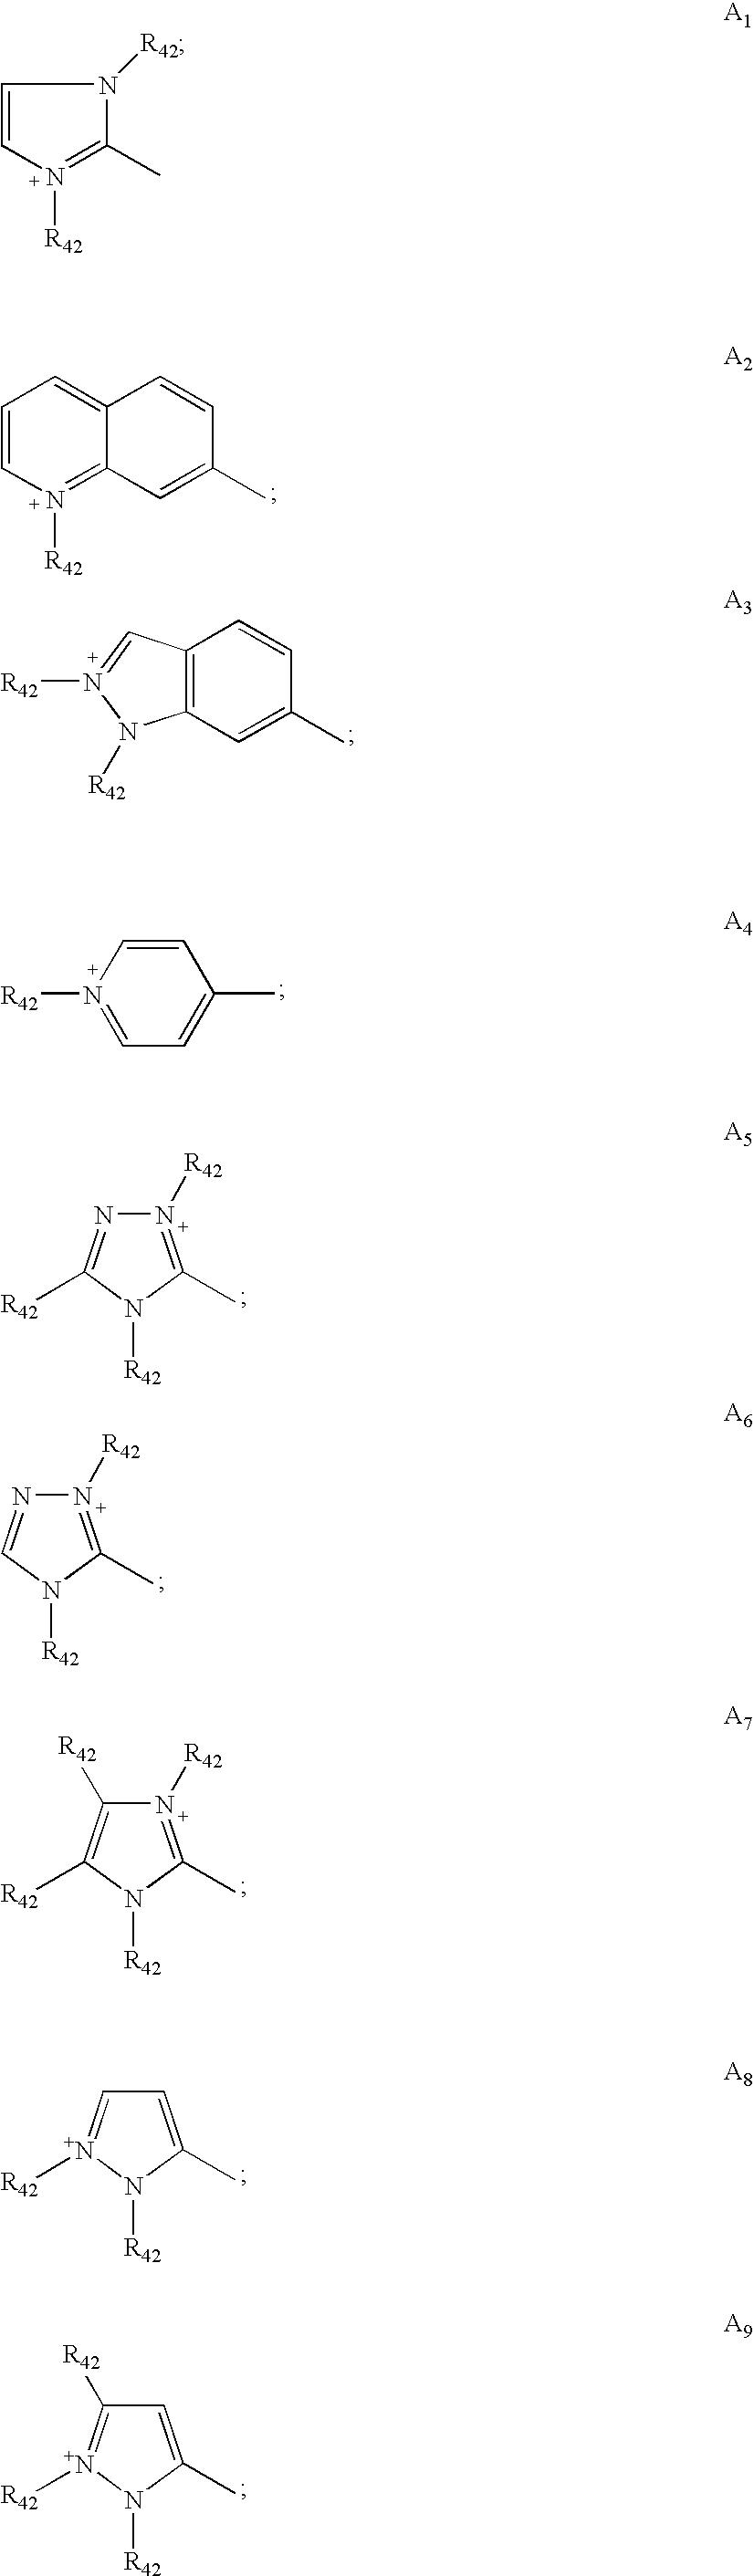 Figure US07582121-20090901-C00034